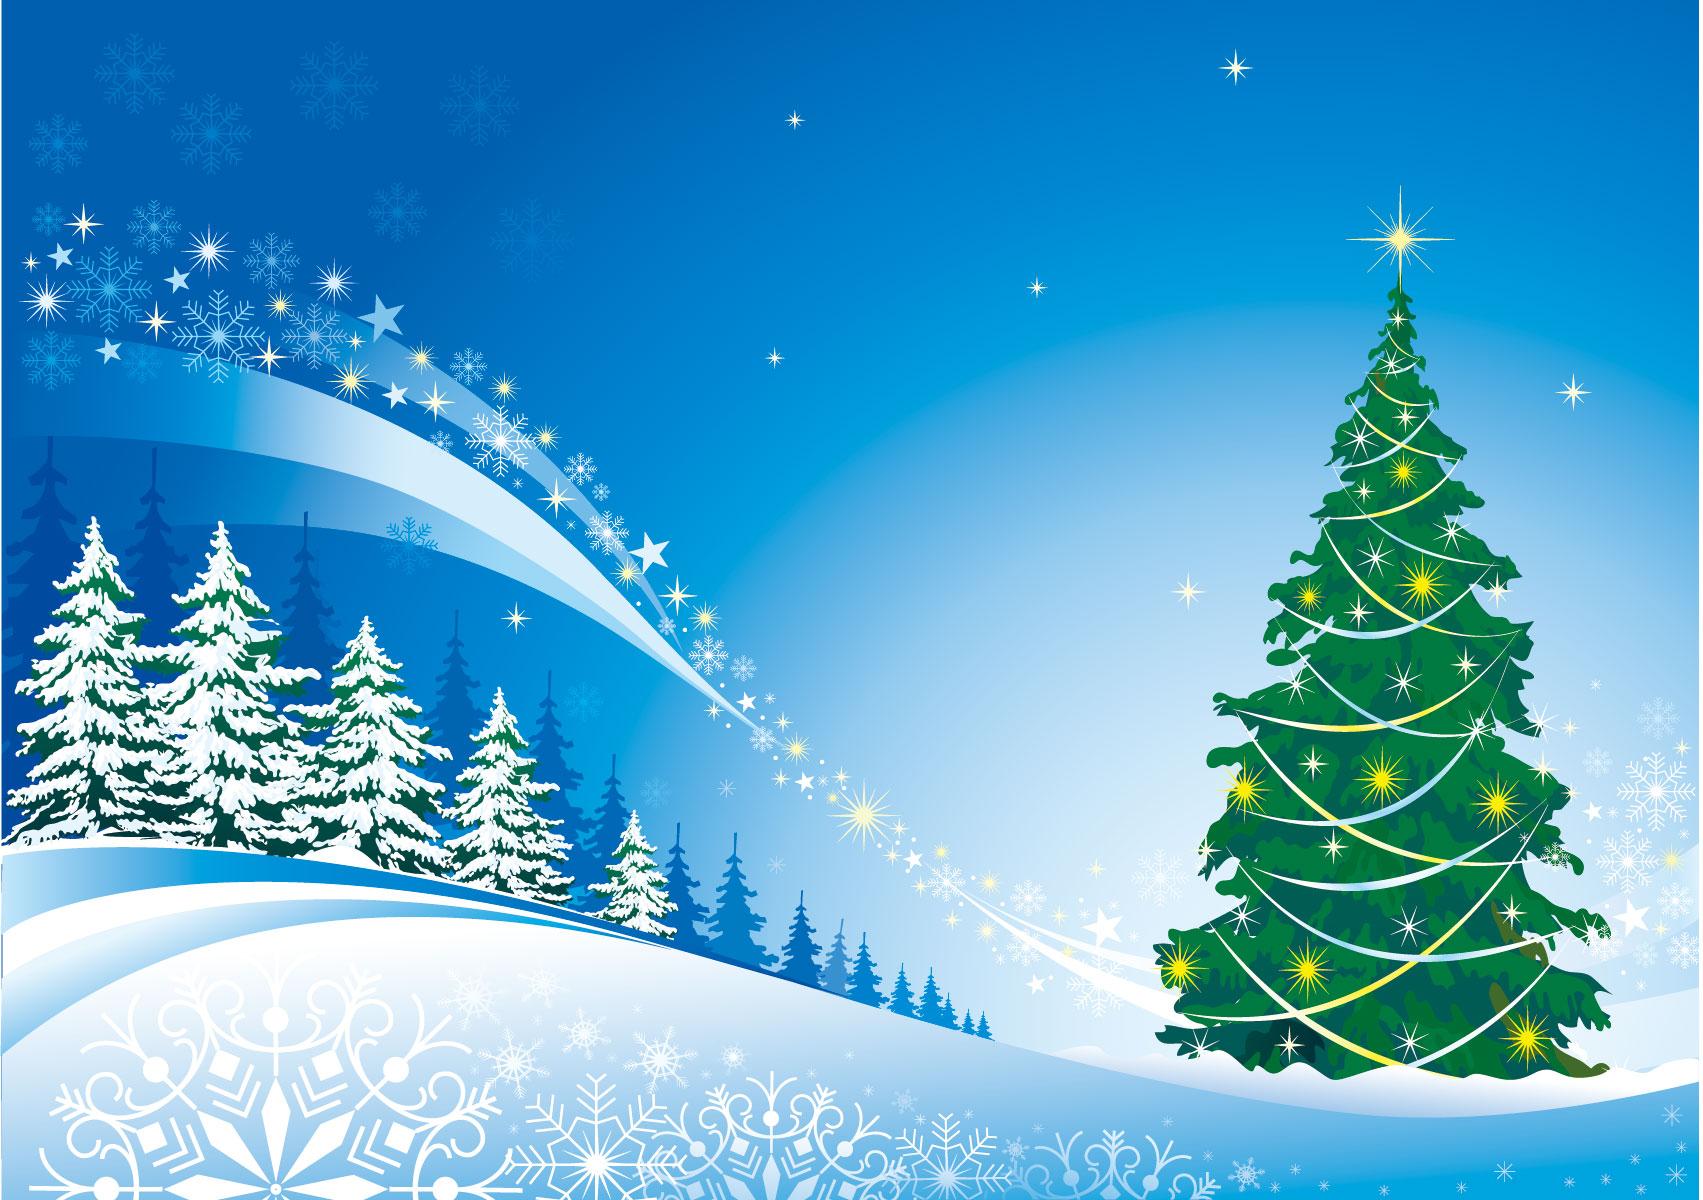 ツリー お洒落クリスマス気分なデスクトップpc壁紙 画像 まとめ X